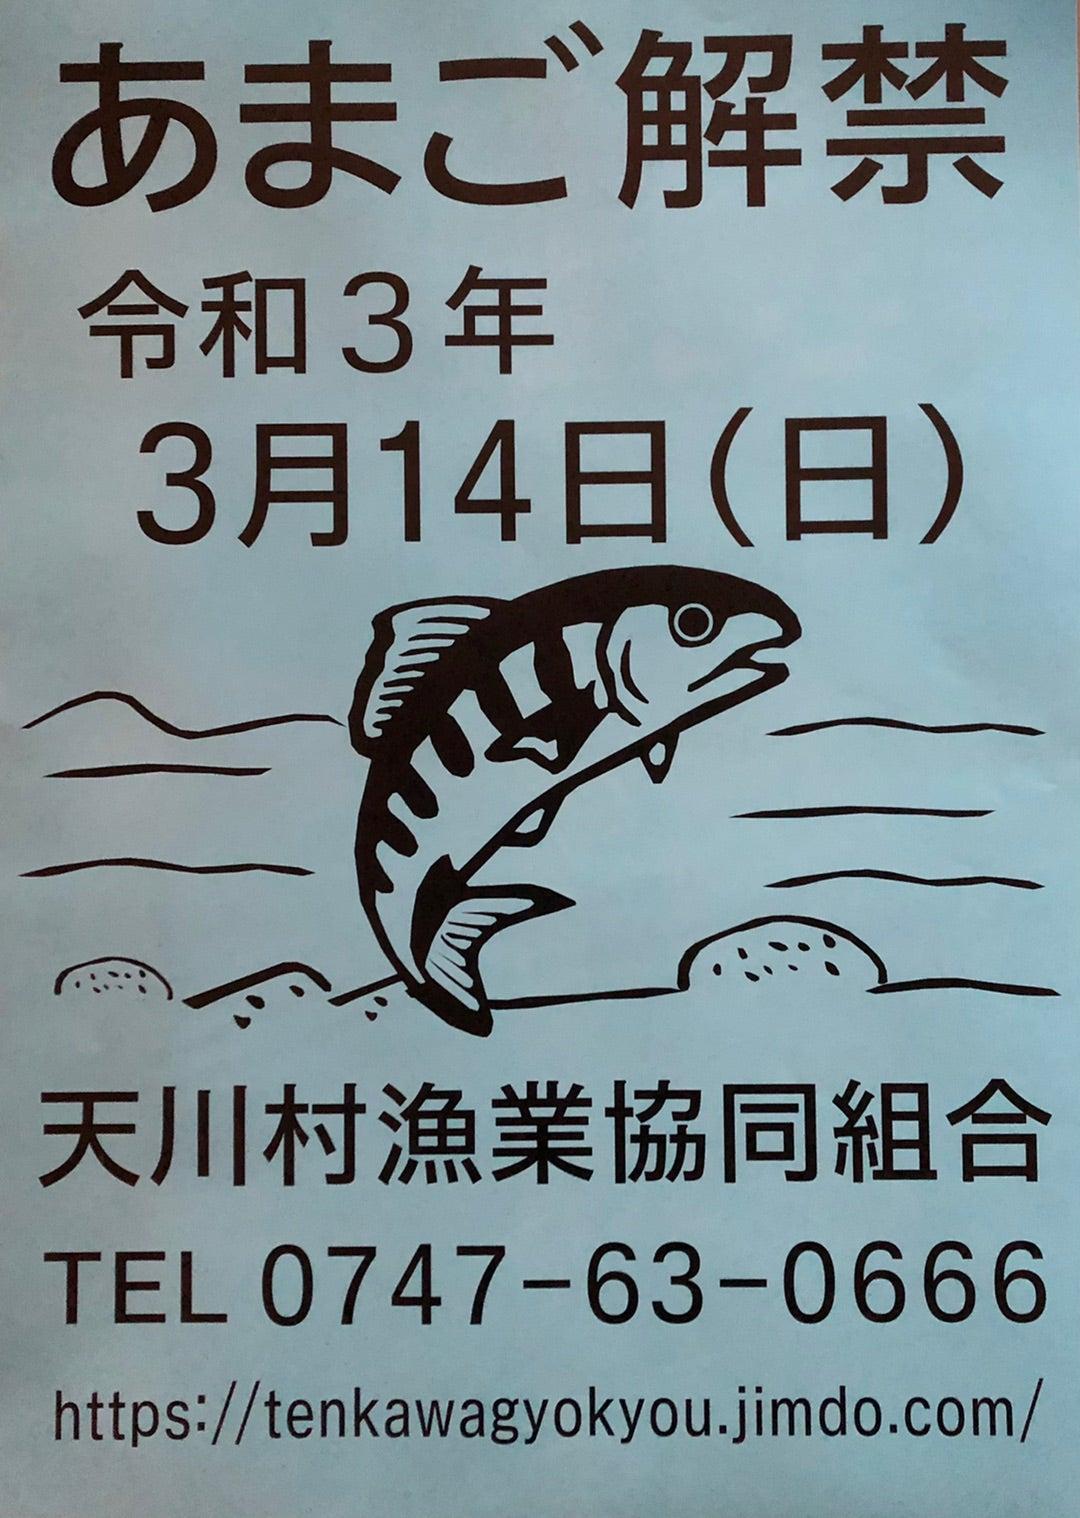 天 川村 漁協